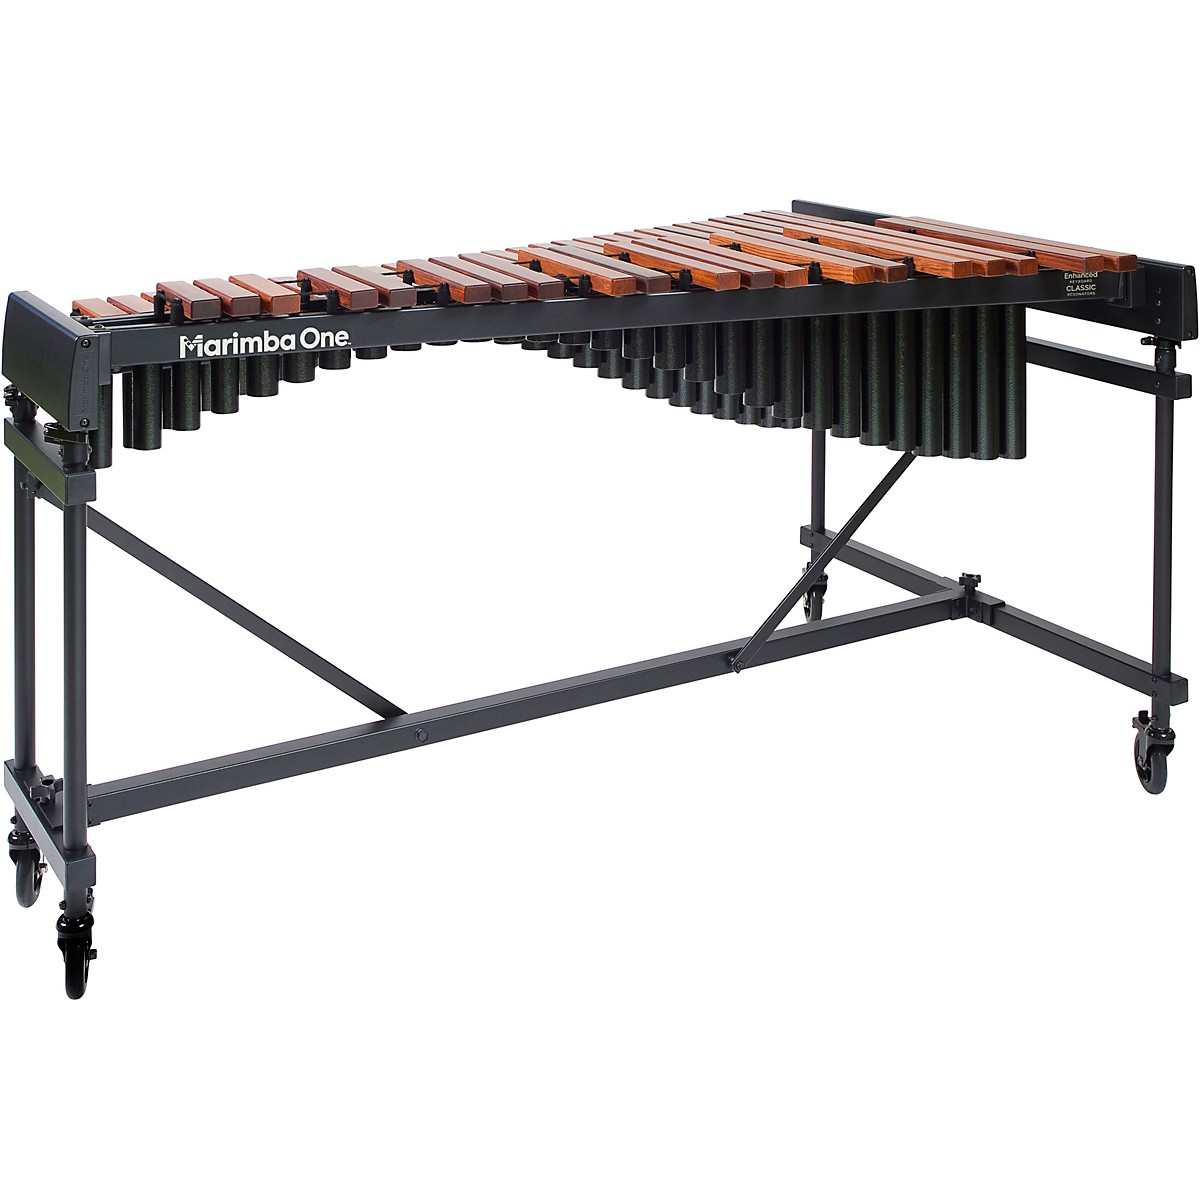 Marimba One M1 Concert Xylophone with Premium Keyboard